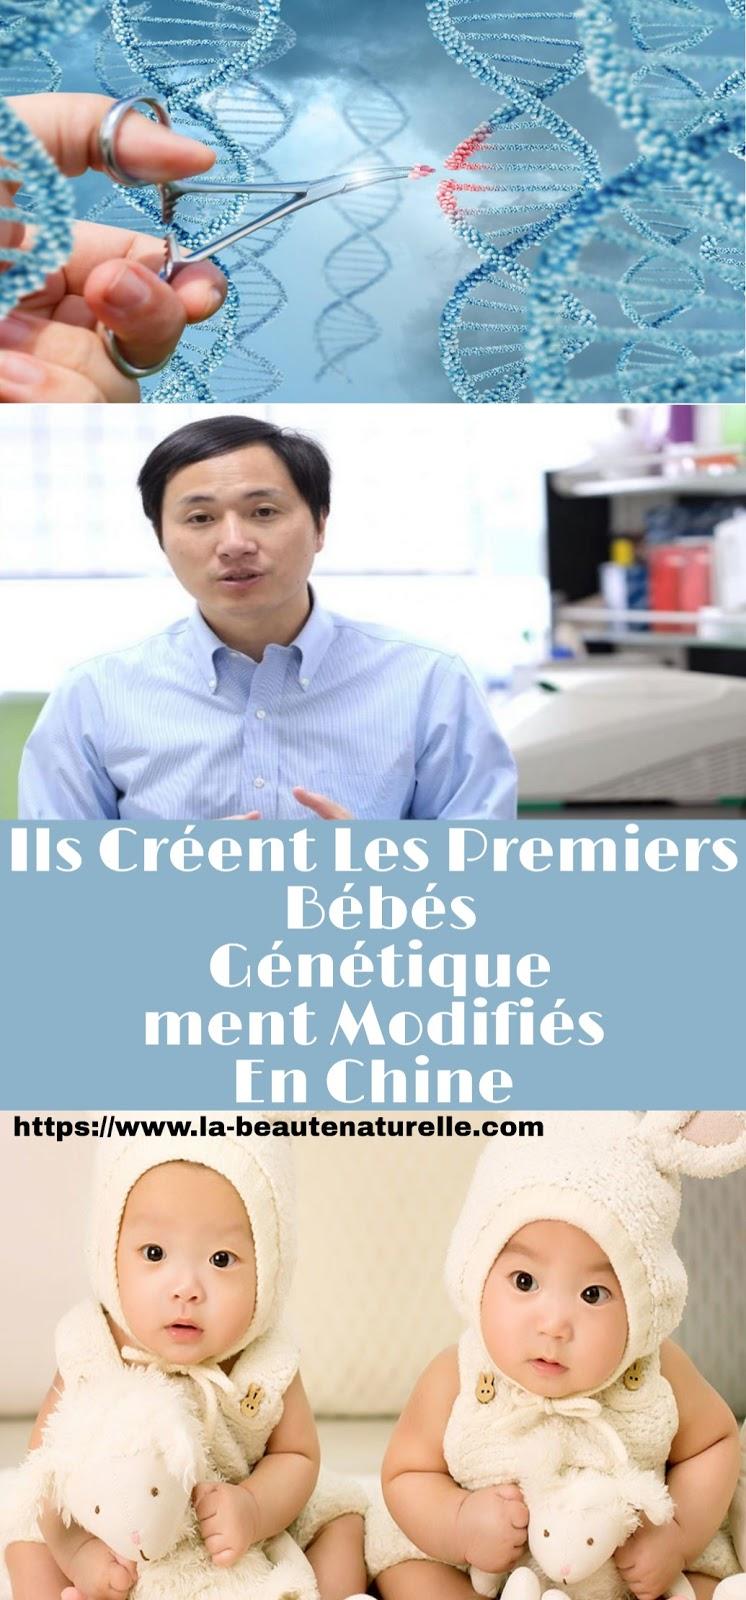 Ils Créent Les Premiers Bébés Génétiquement Modifiés En Chine